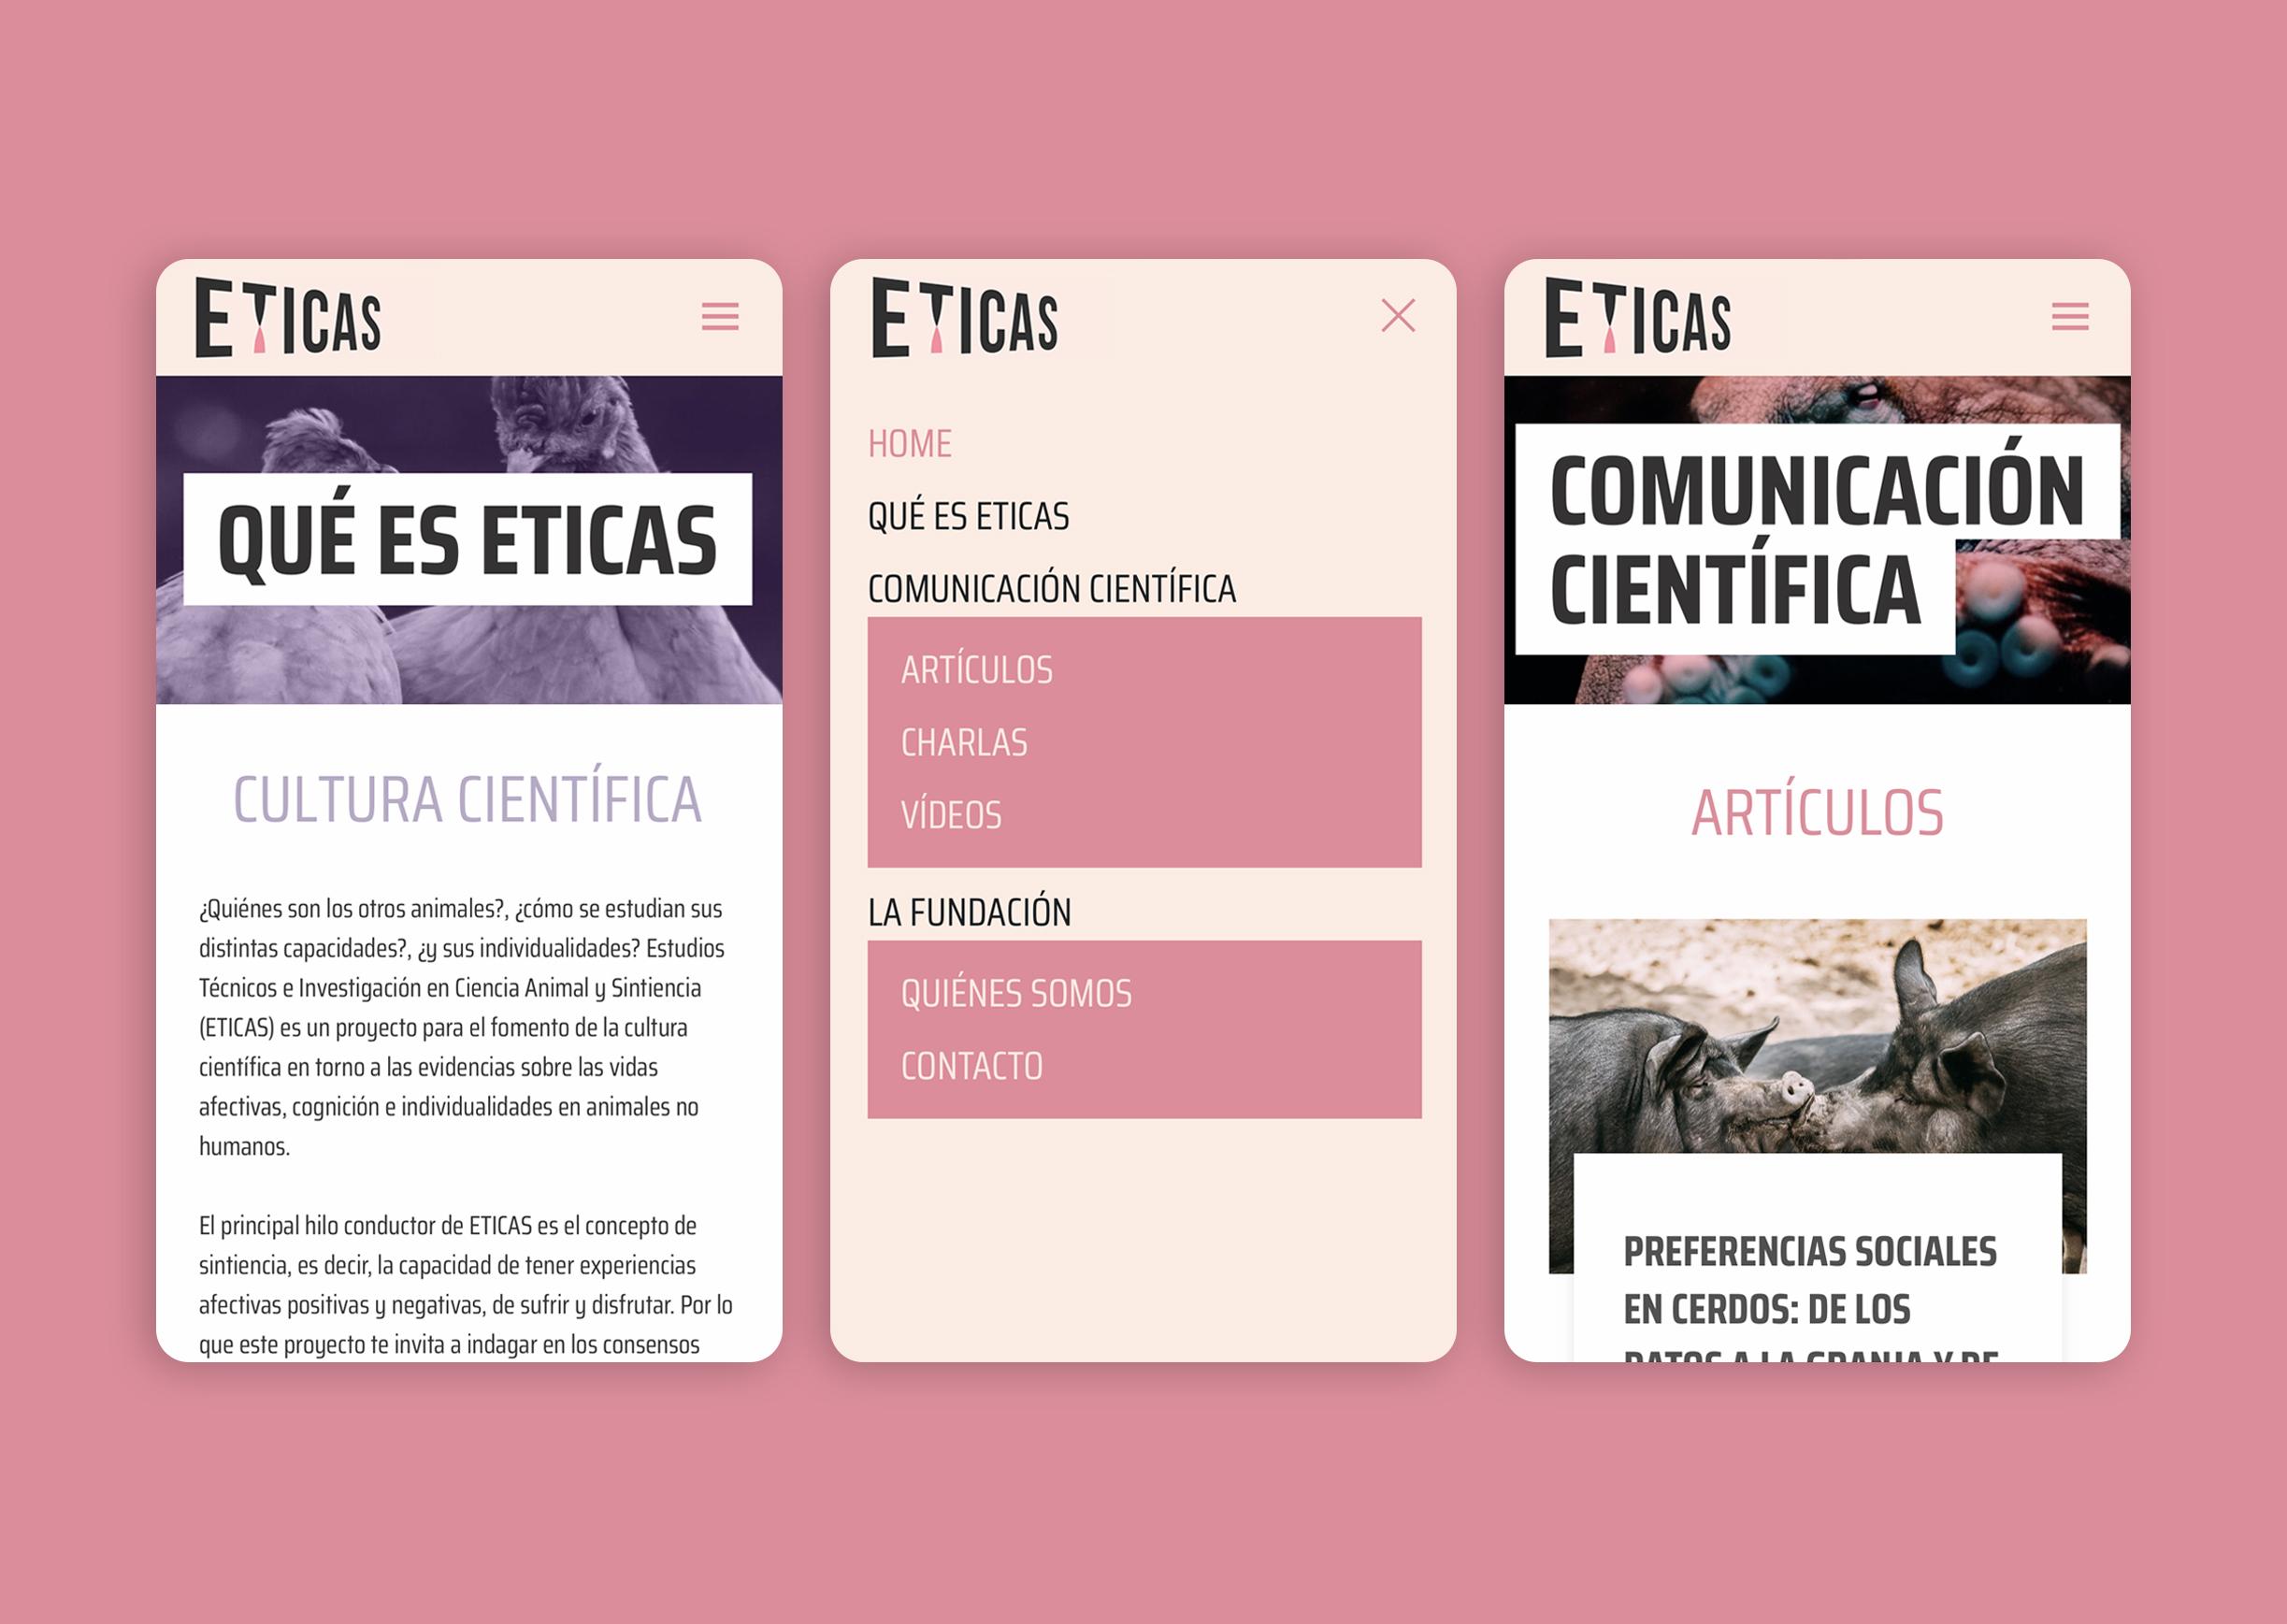 ETICAS_App_01.jpg